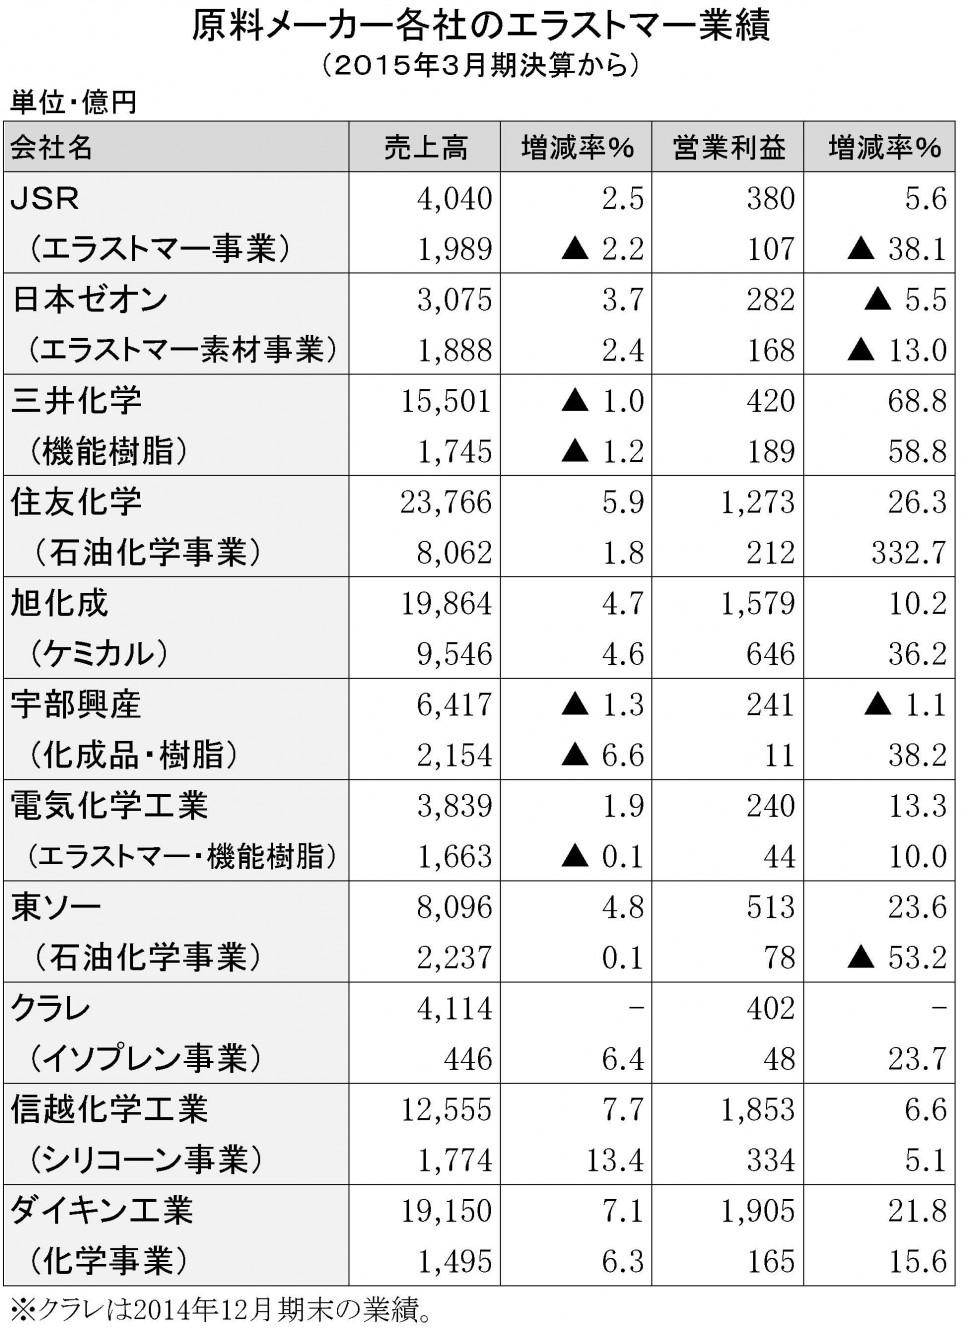 2015年3月期 原料メーカーの業績